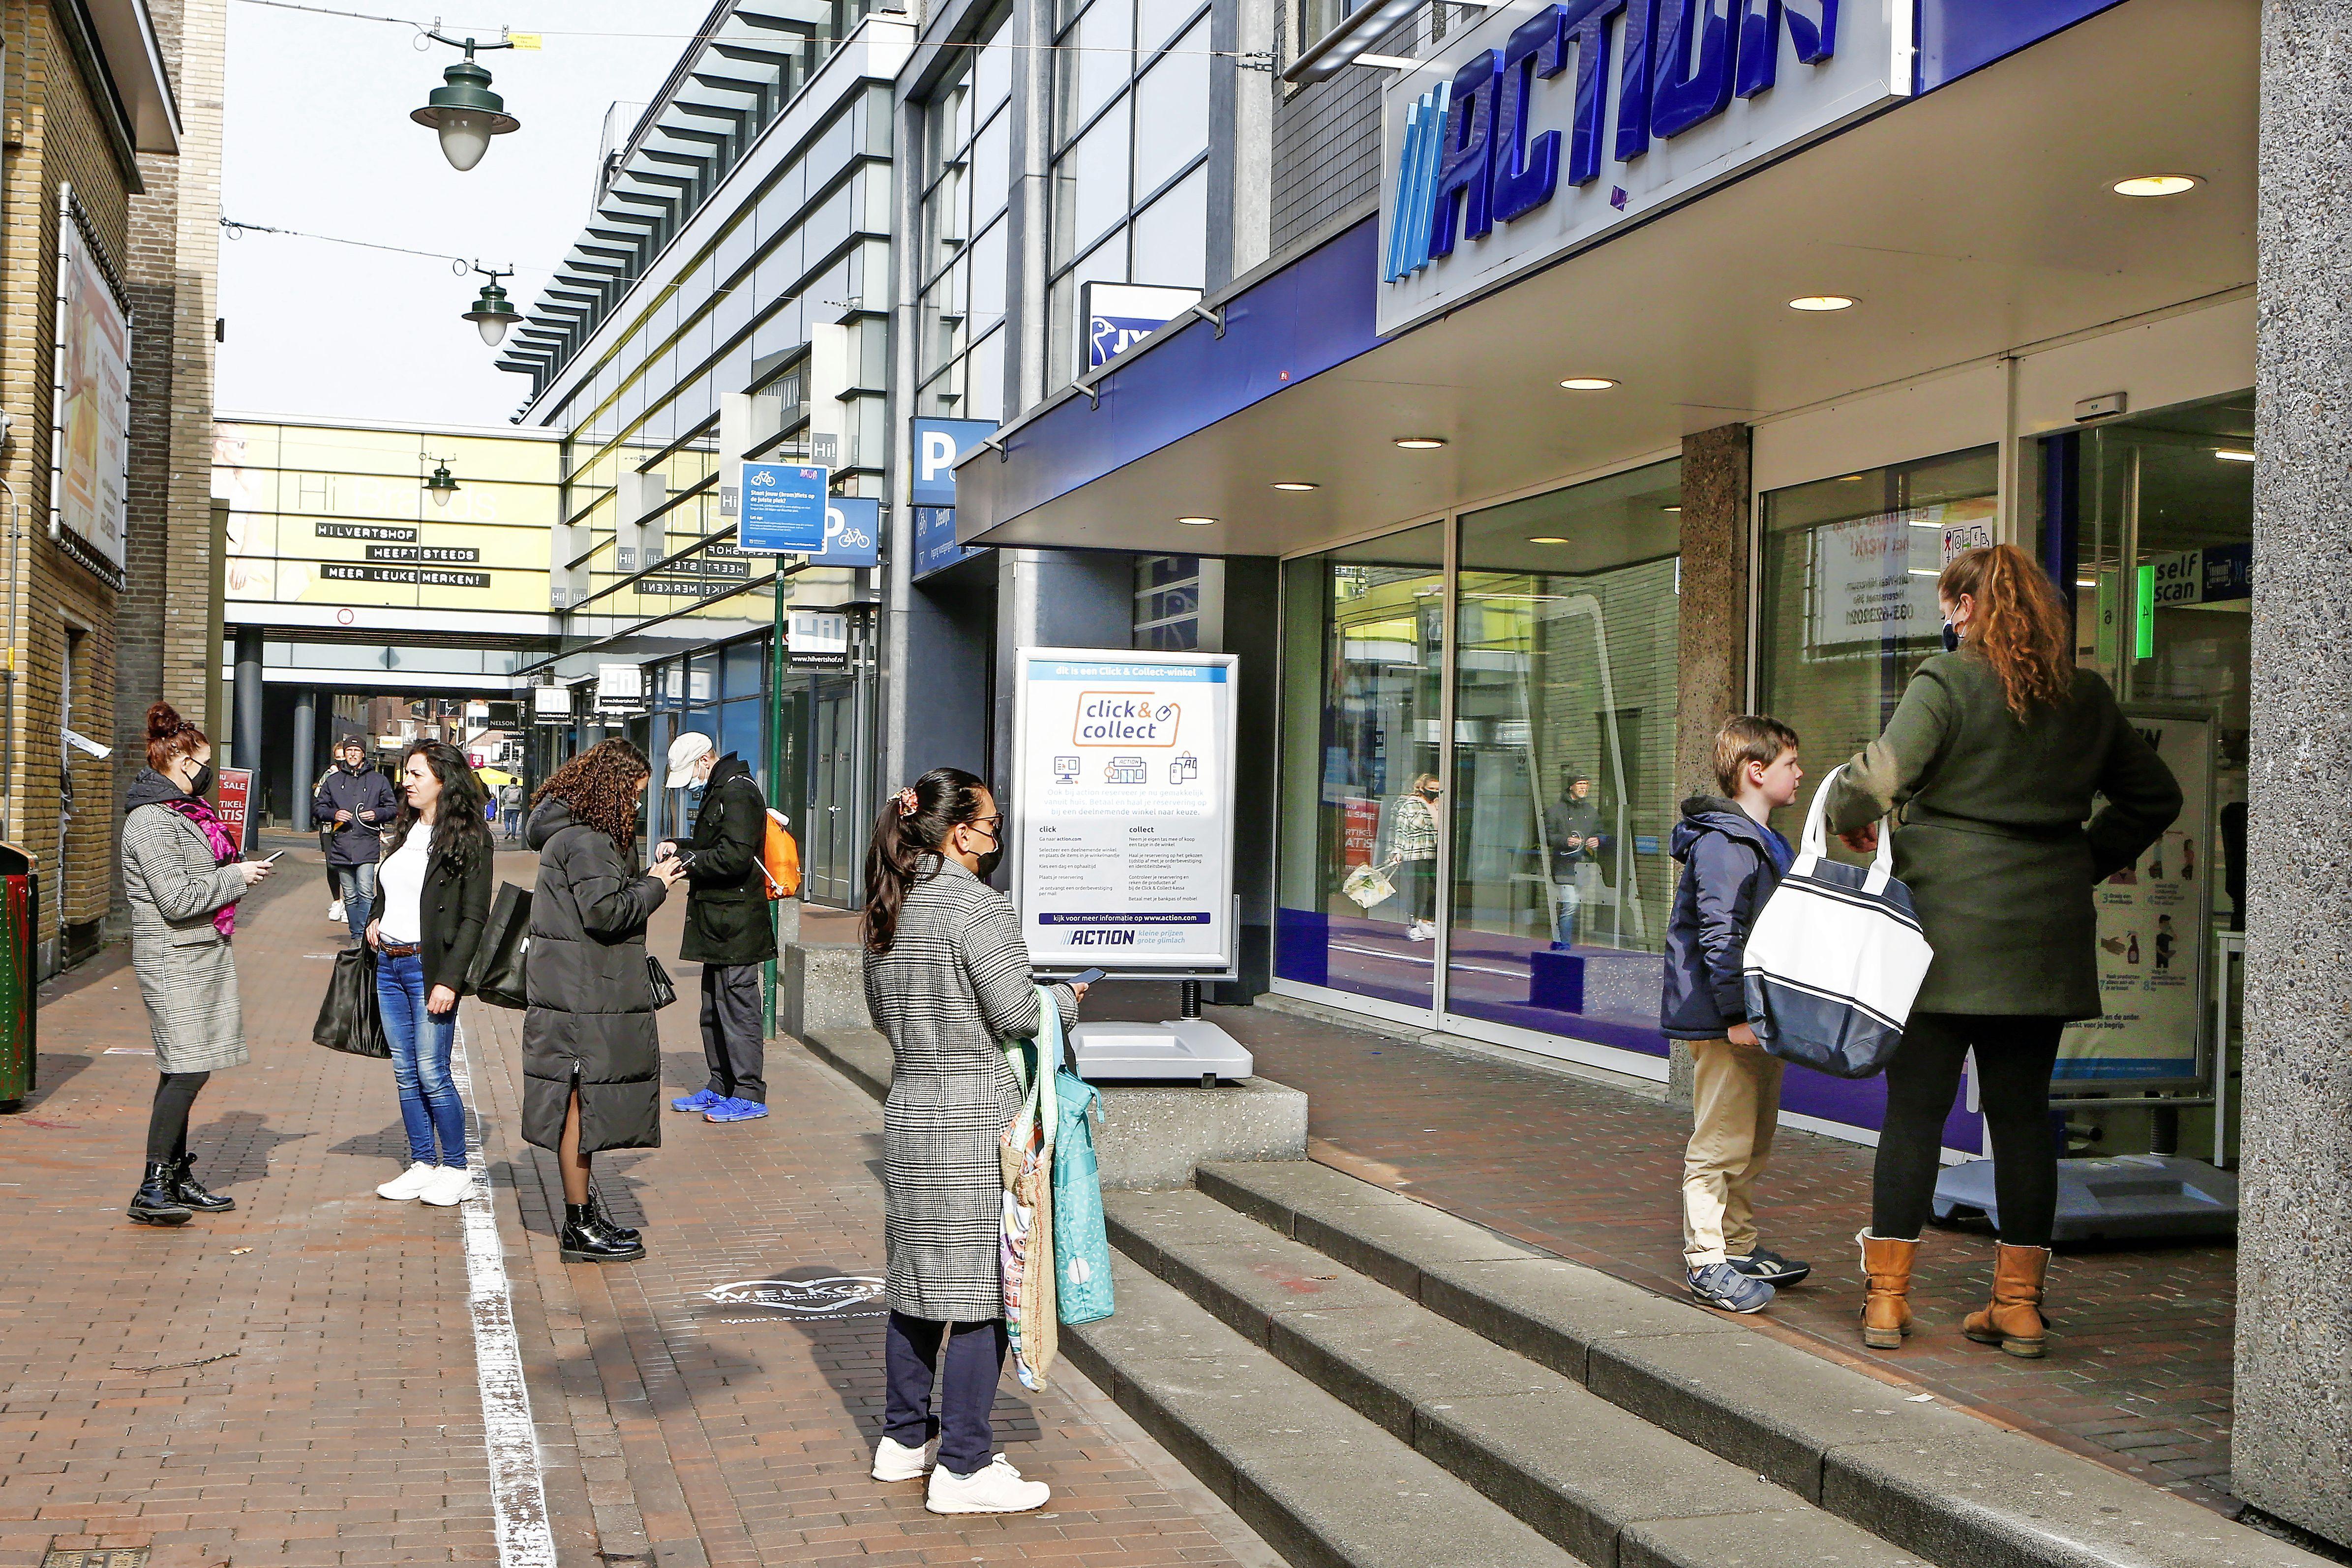 Winkels in Hilversum hanteren streng deurbeleid; klanten mogen niet even naar binnen om iets te kopen: 'Ik vind het belachelijk, er is ruimte genoeg'